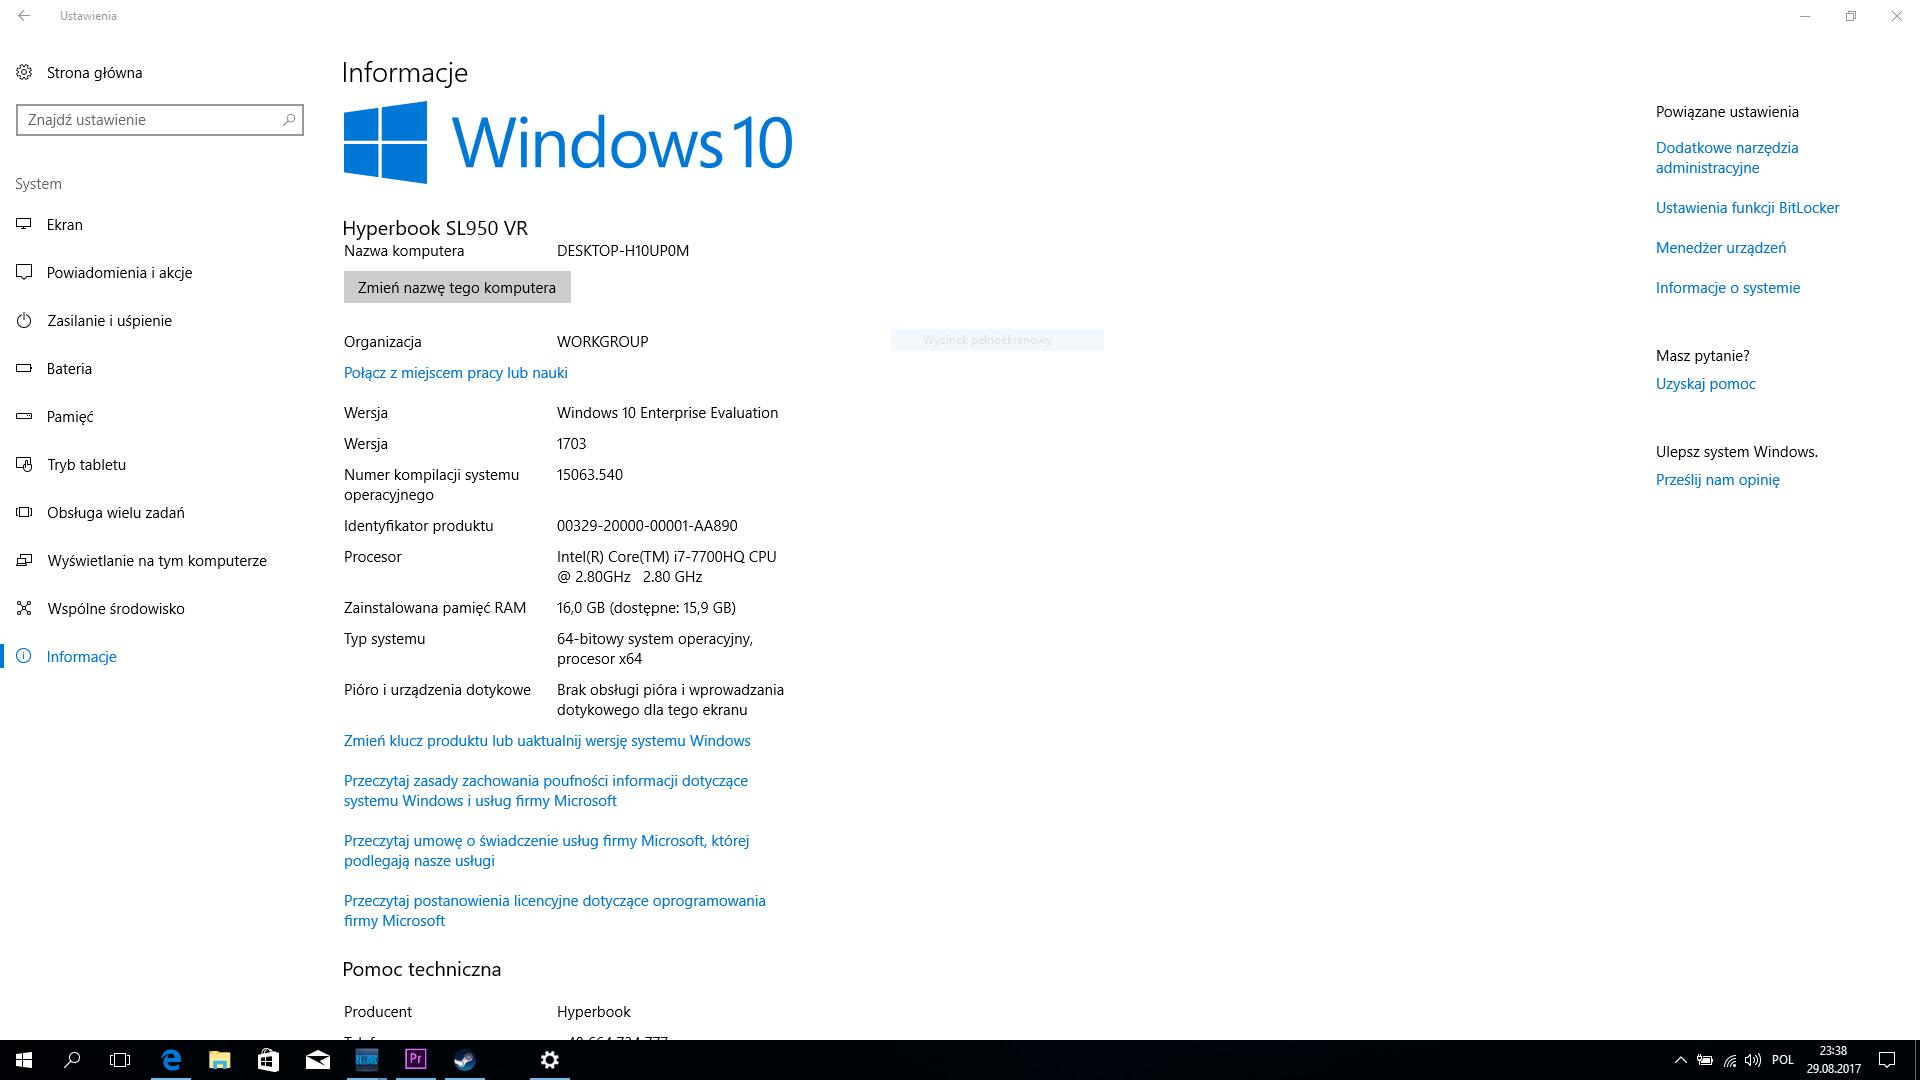 Hyperbook SL950VR - windows 10 i specyfikacja urządzenia